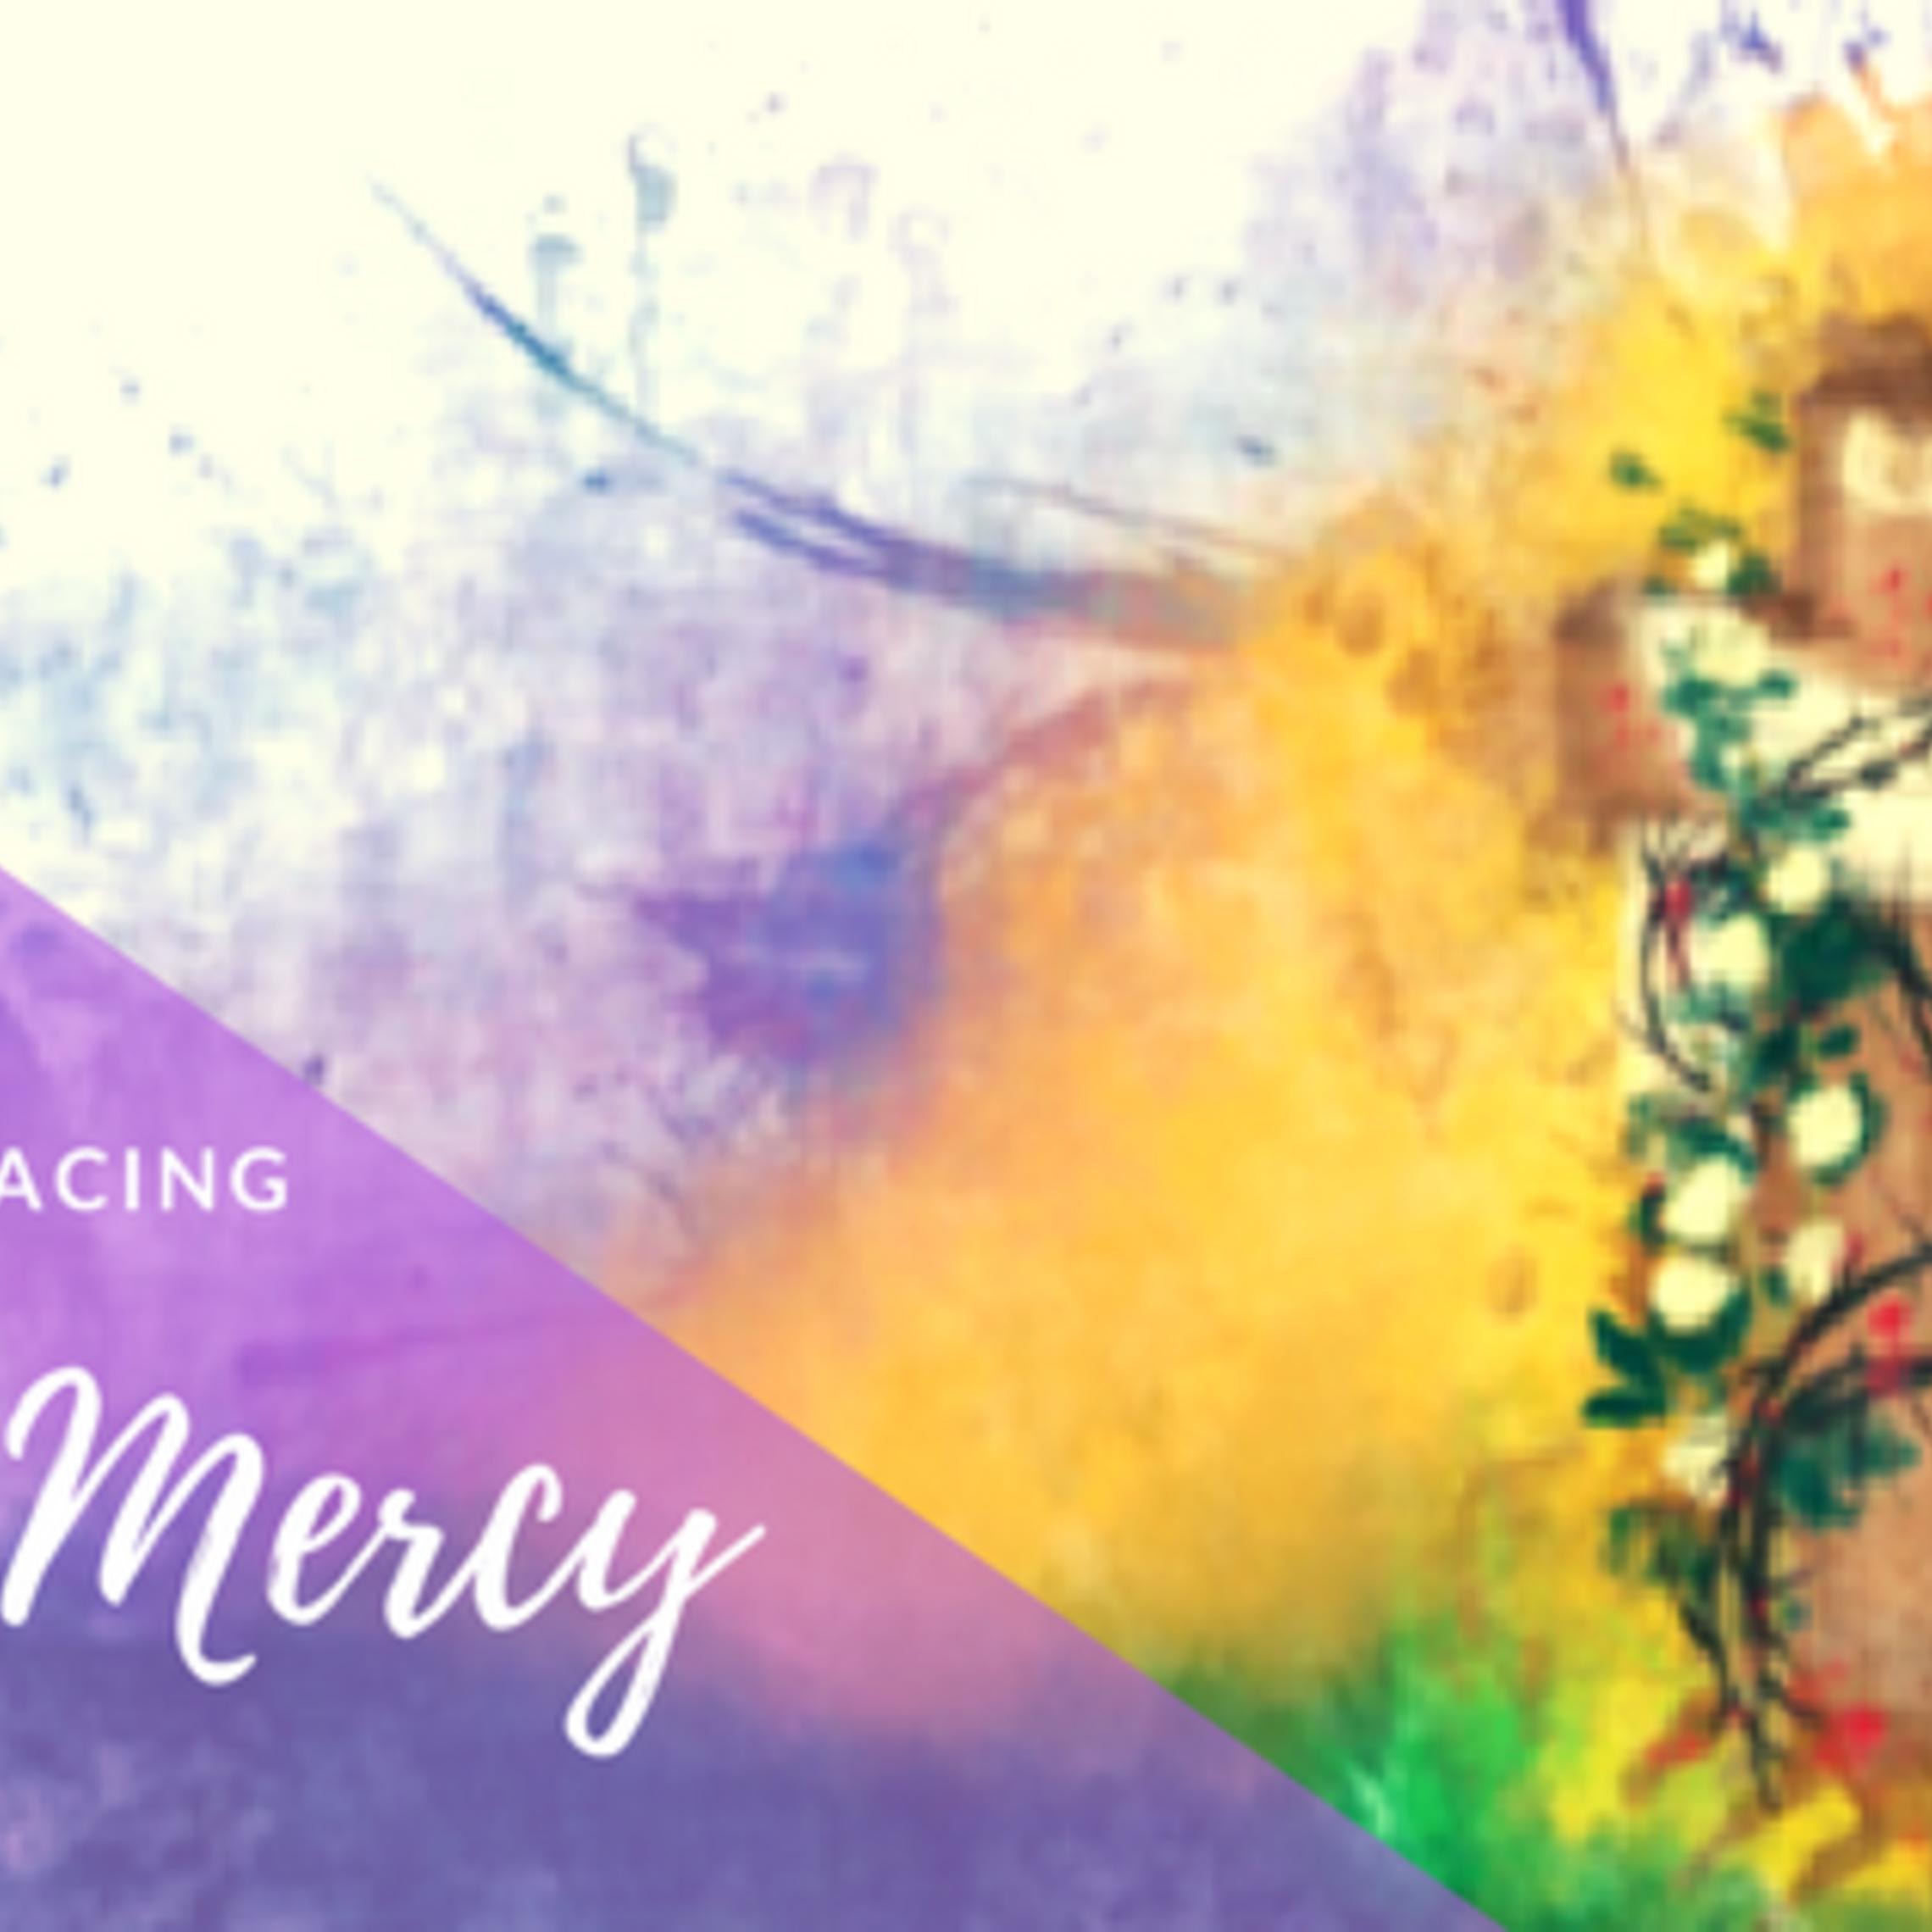 Gods Mercy